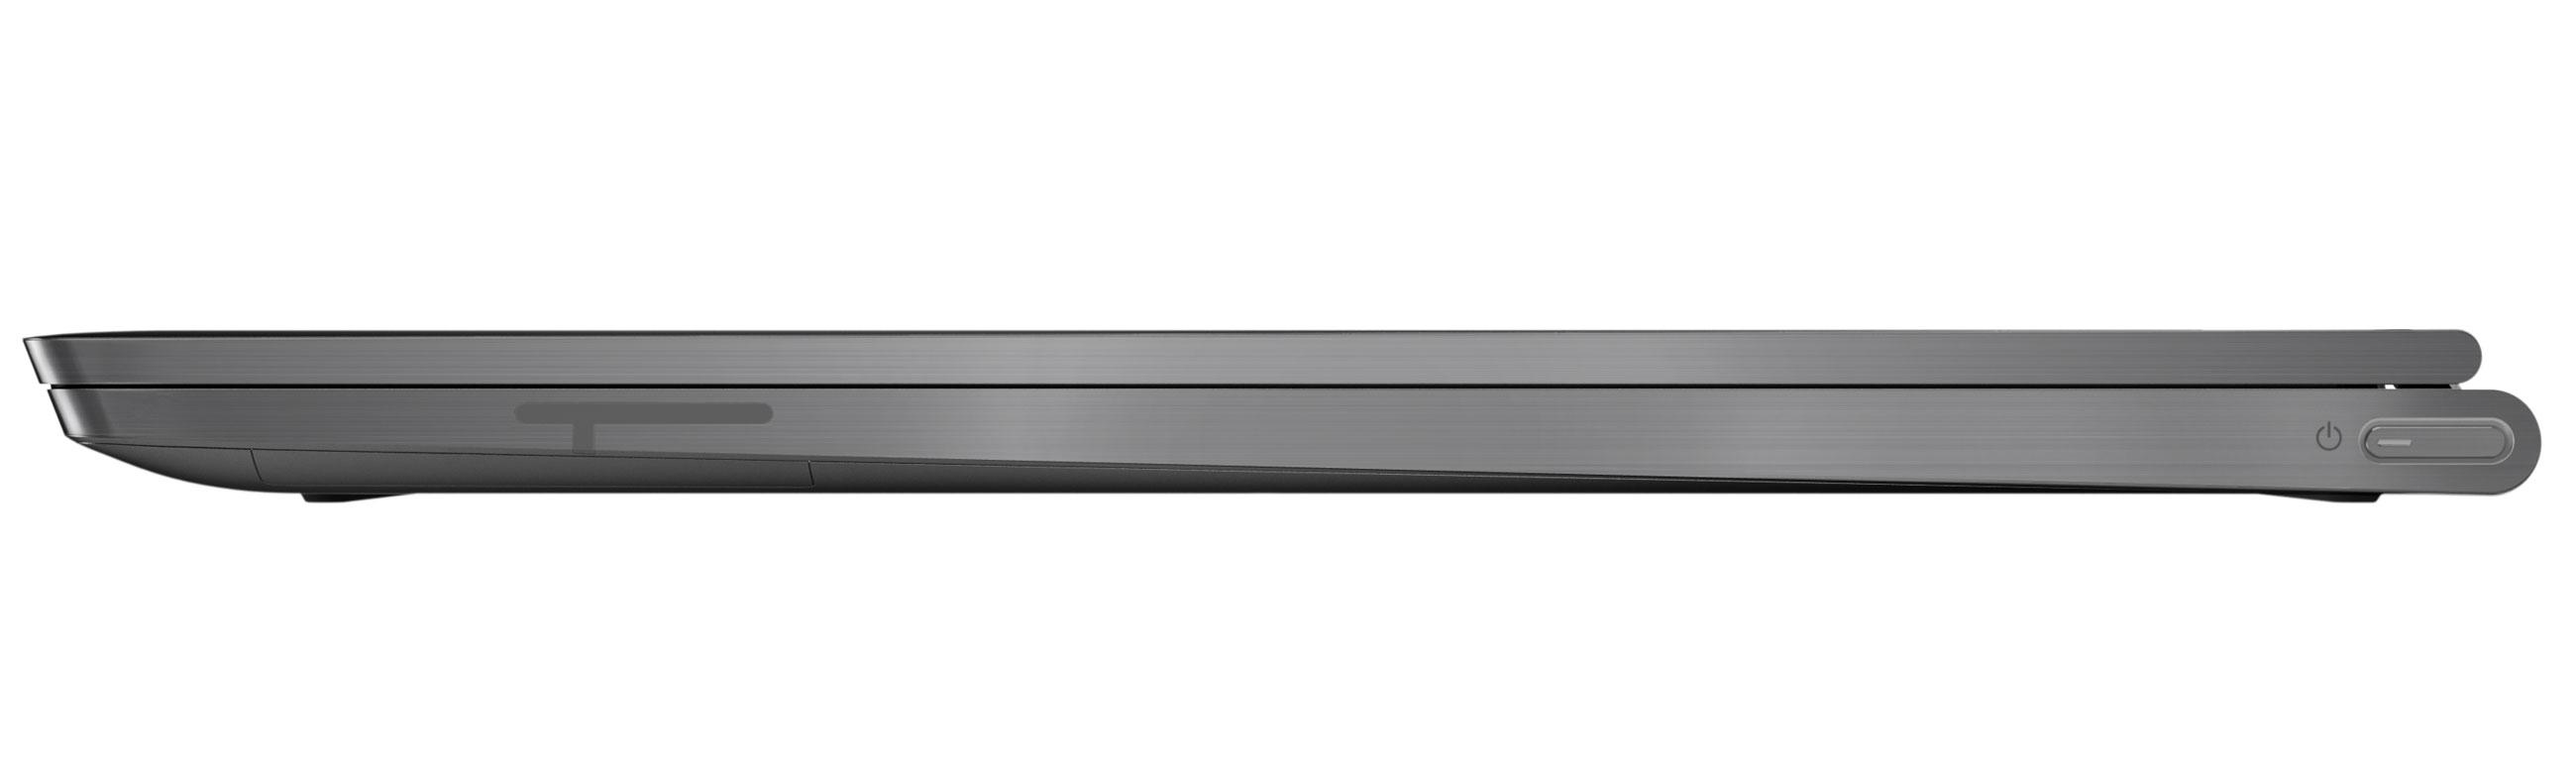 Фото  Ультрабук Lenovo Yoga C930 (81C400LGRA)